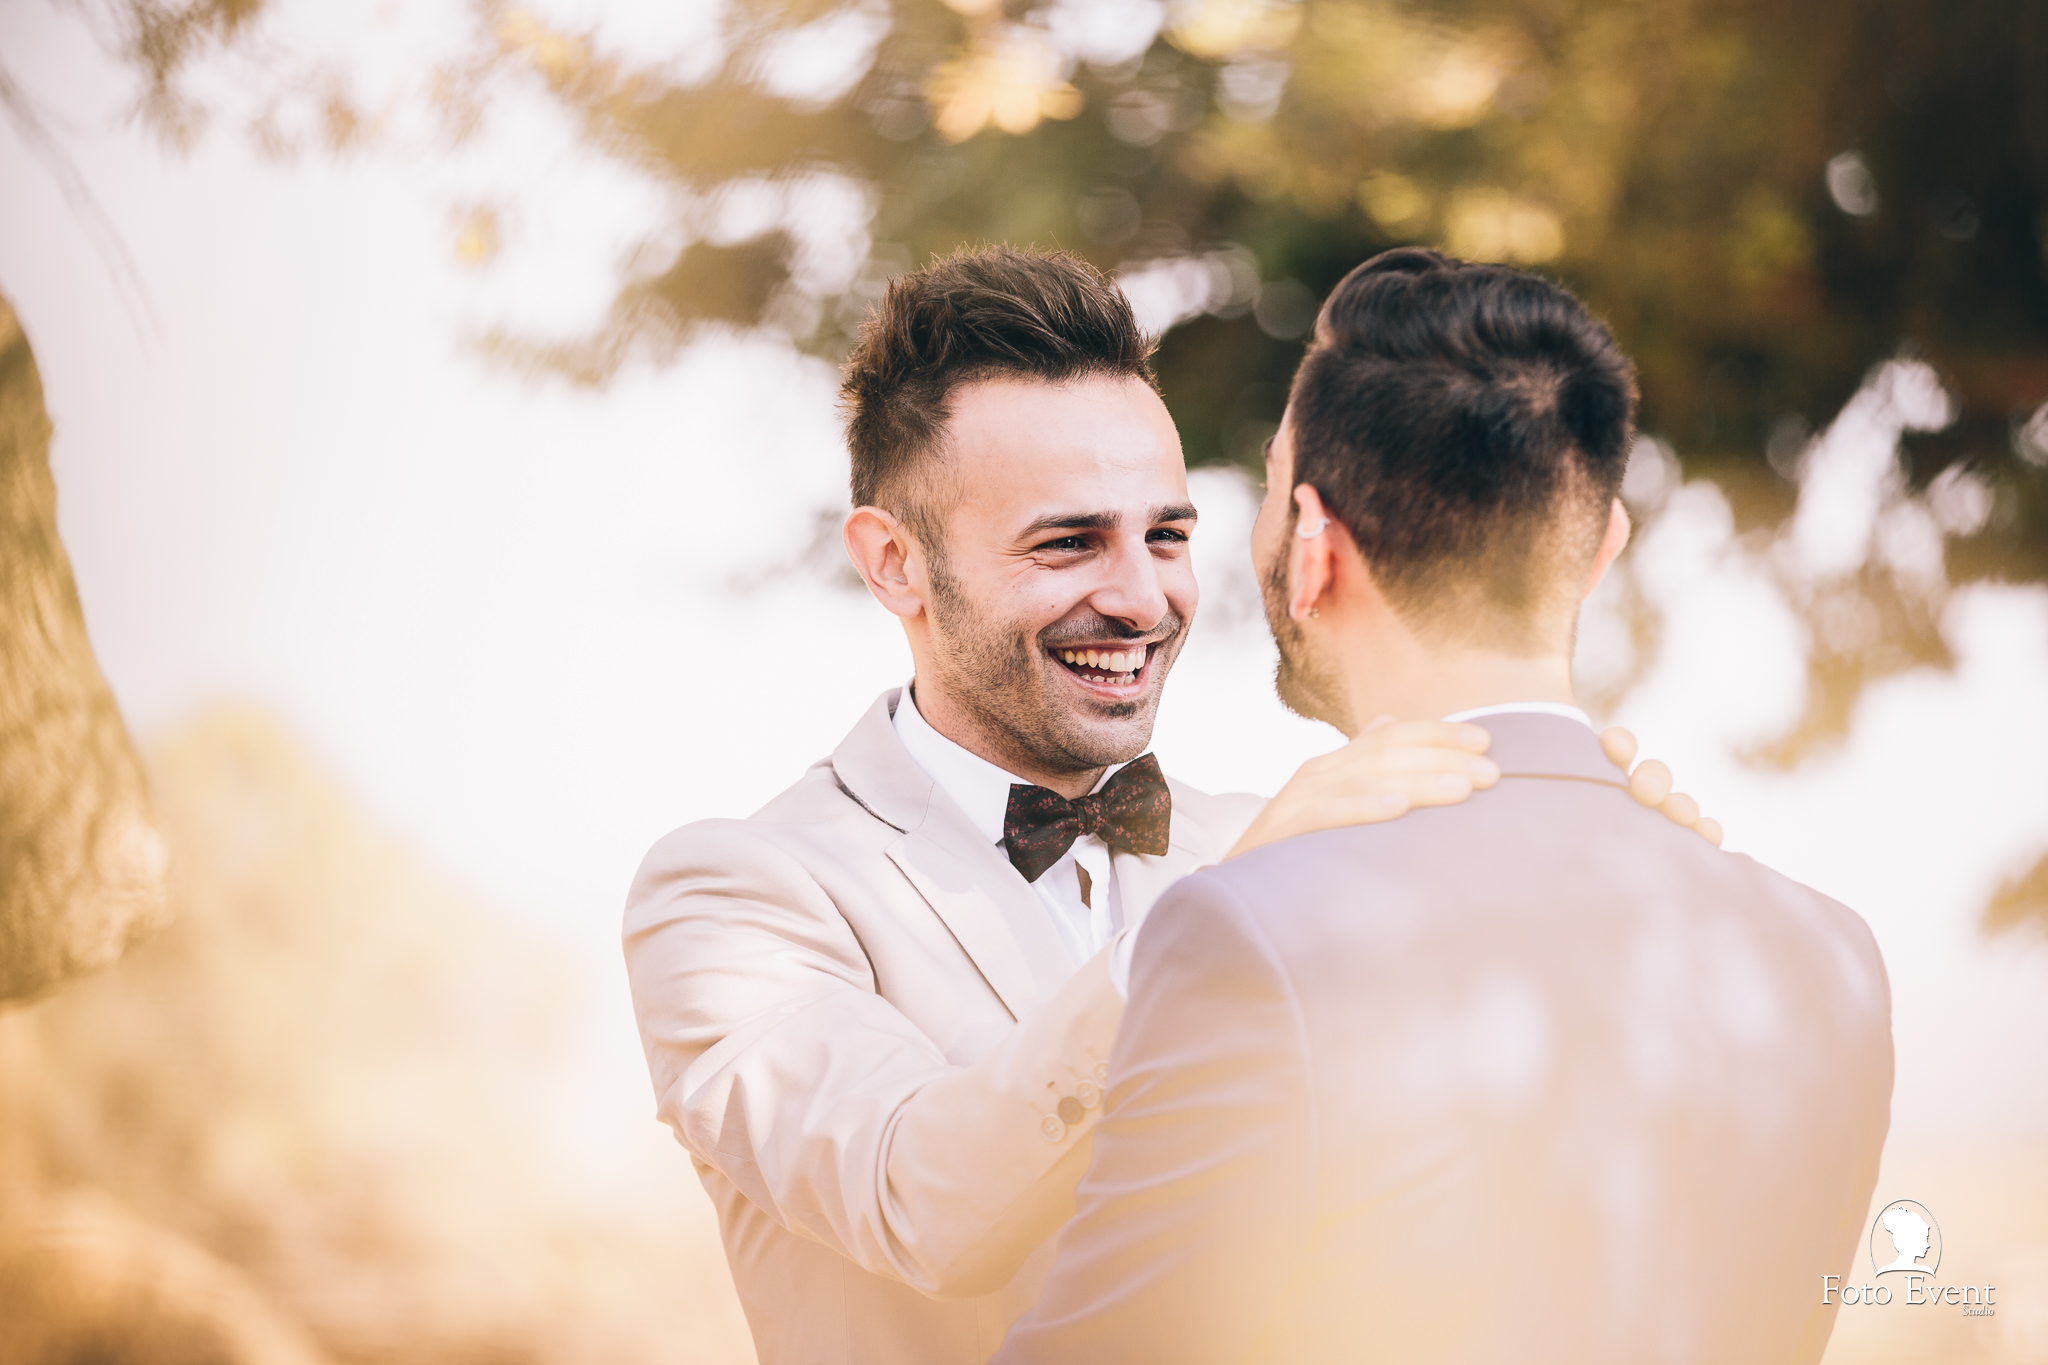 2018-07-26 Engagement Santo Caruso e Lillo Gueli zoom 043